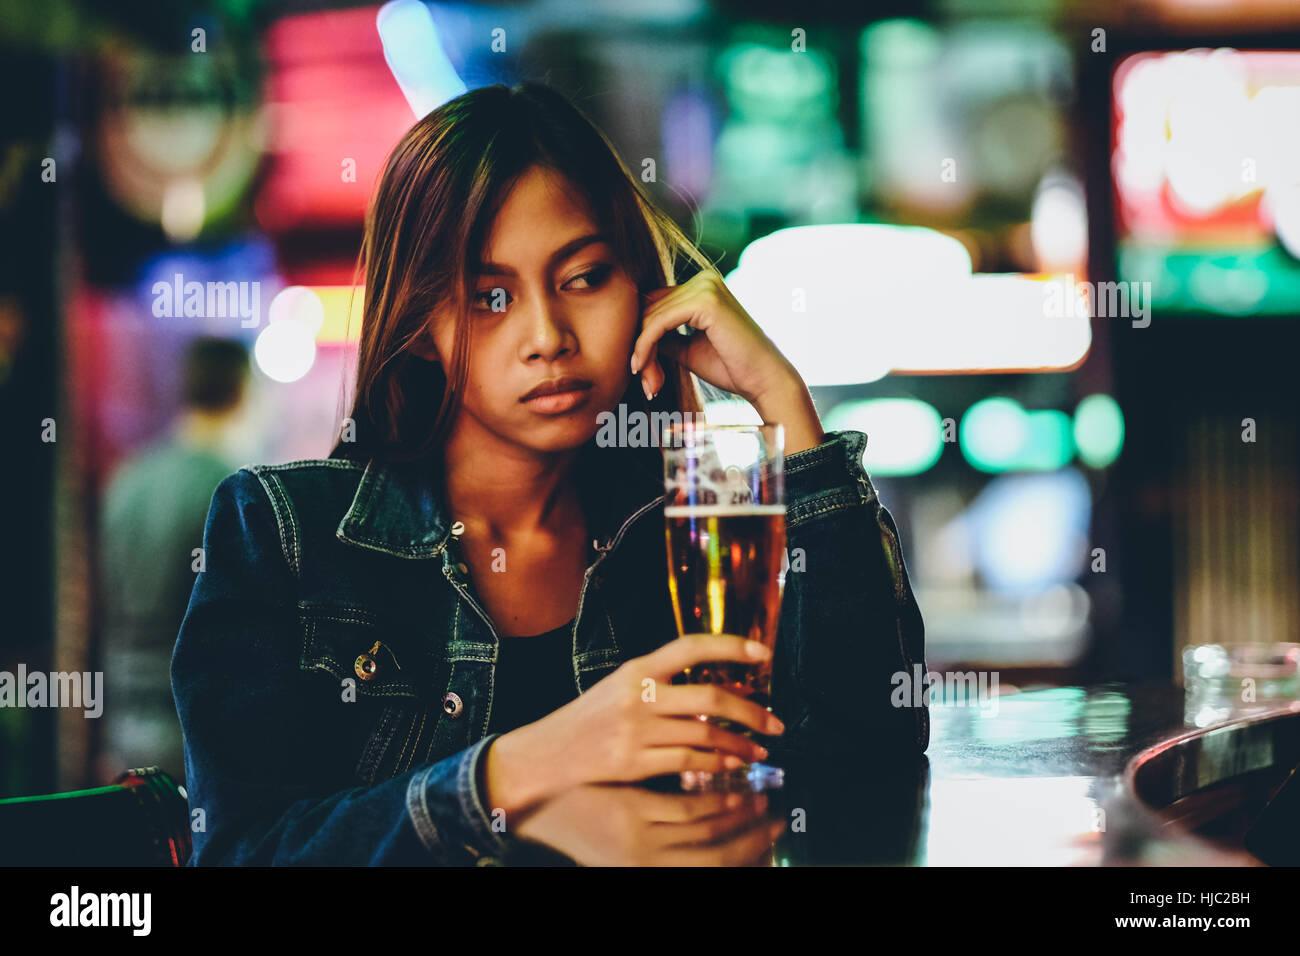 La vita notturna, ragazza per adulti in attesa nel bar a bere bear Immagini Stock